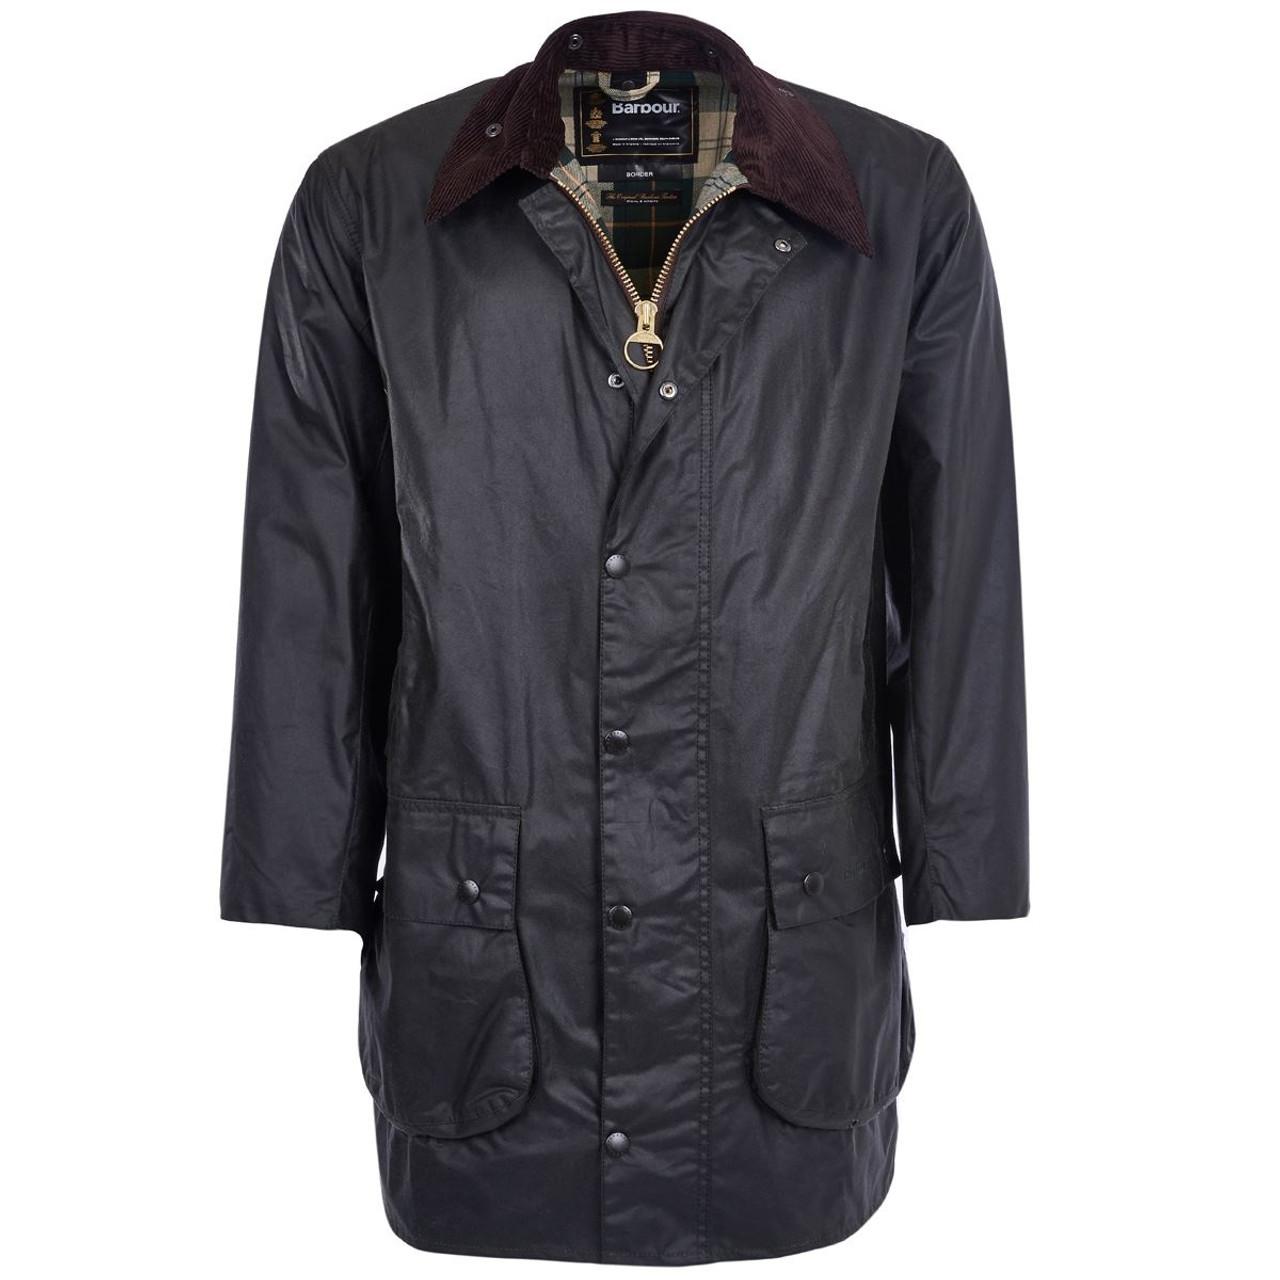 Barbour Border Wax Jacket